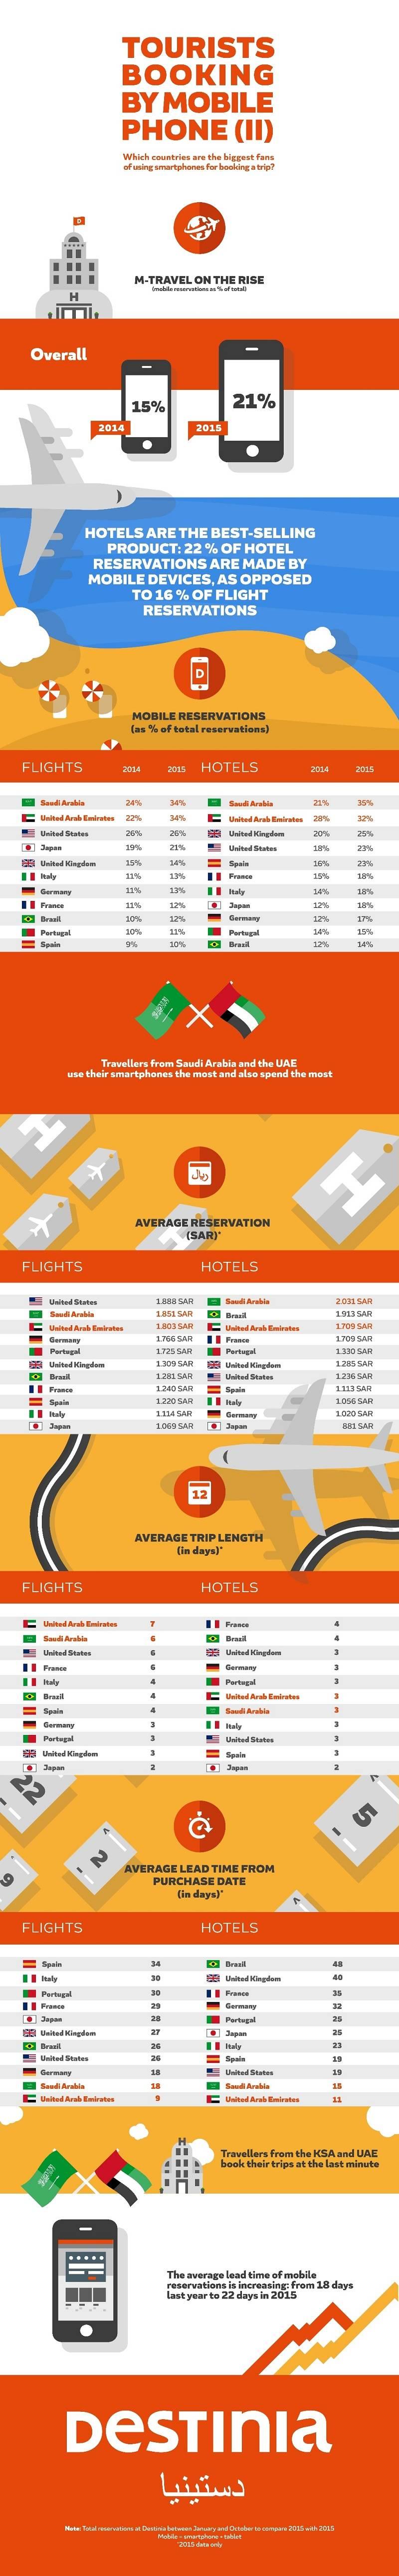 Infografia_Destinia